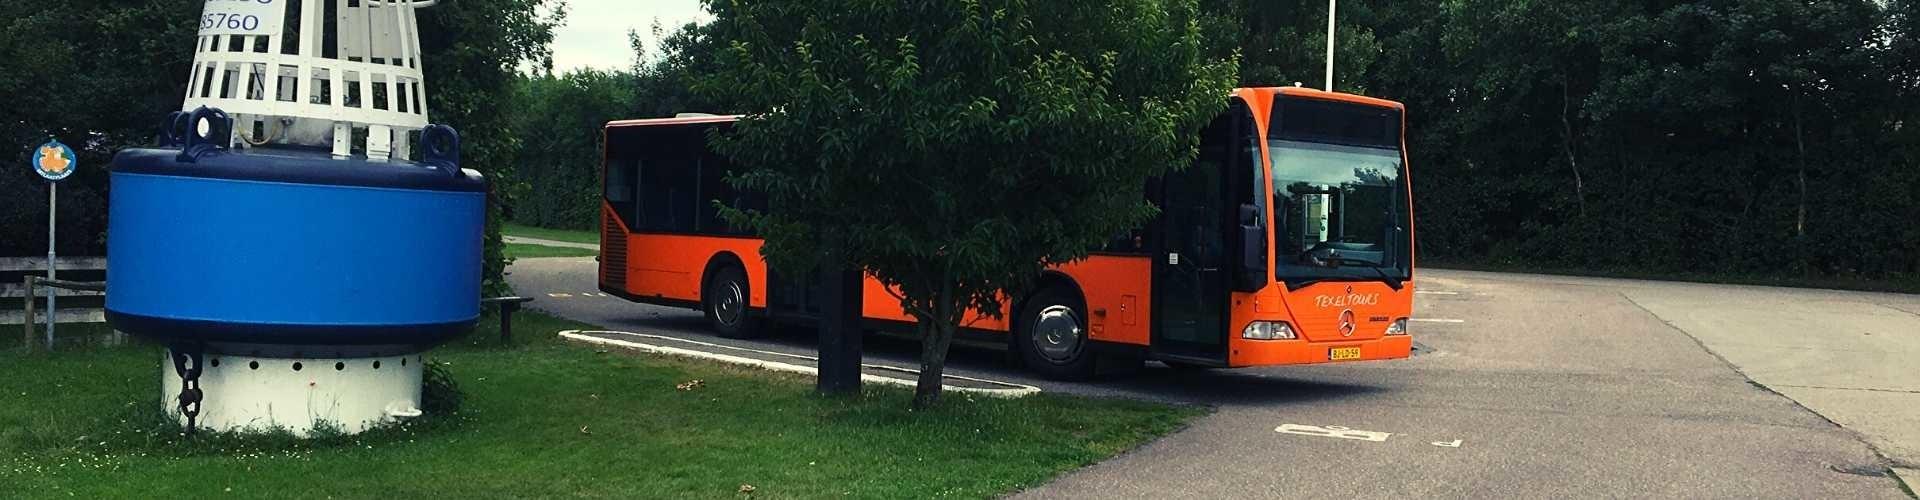 busvervoer op texel